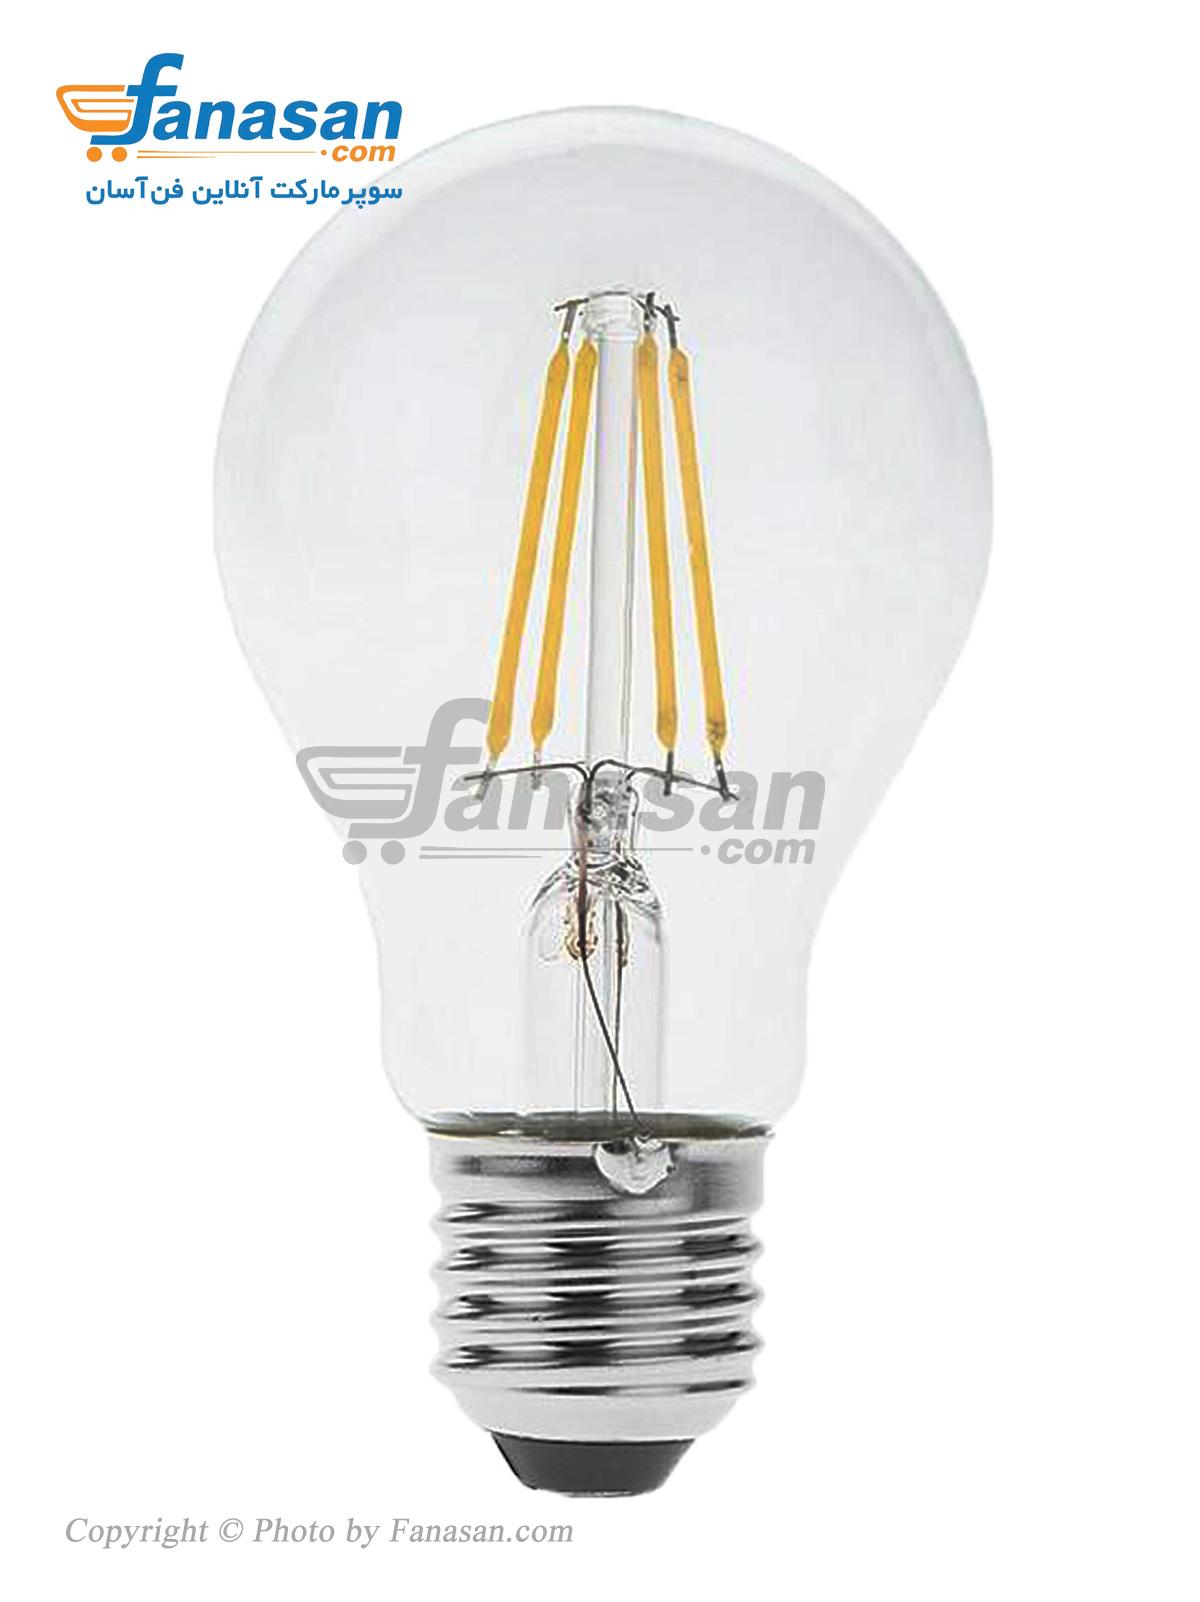 لامپ فیلامنتی مهتابی شعاع سرپیچ پایه E27 شفاف 7 وات